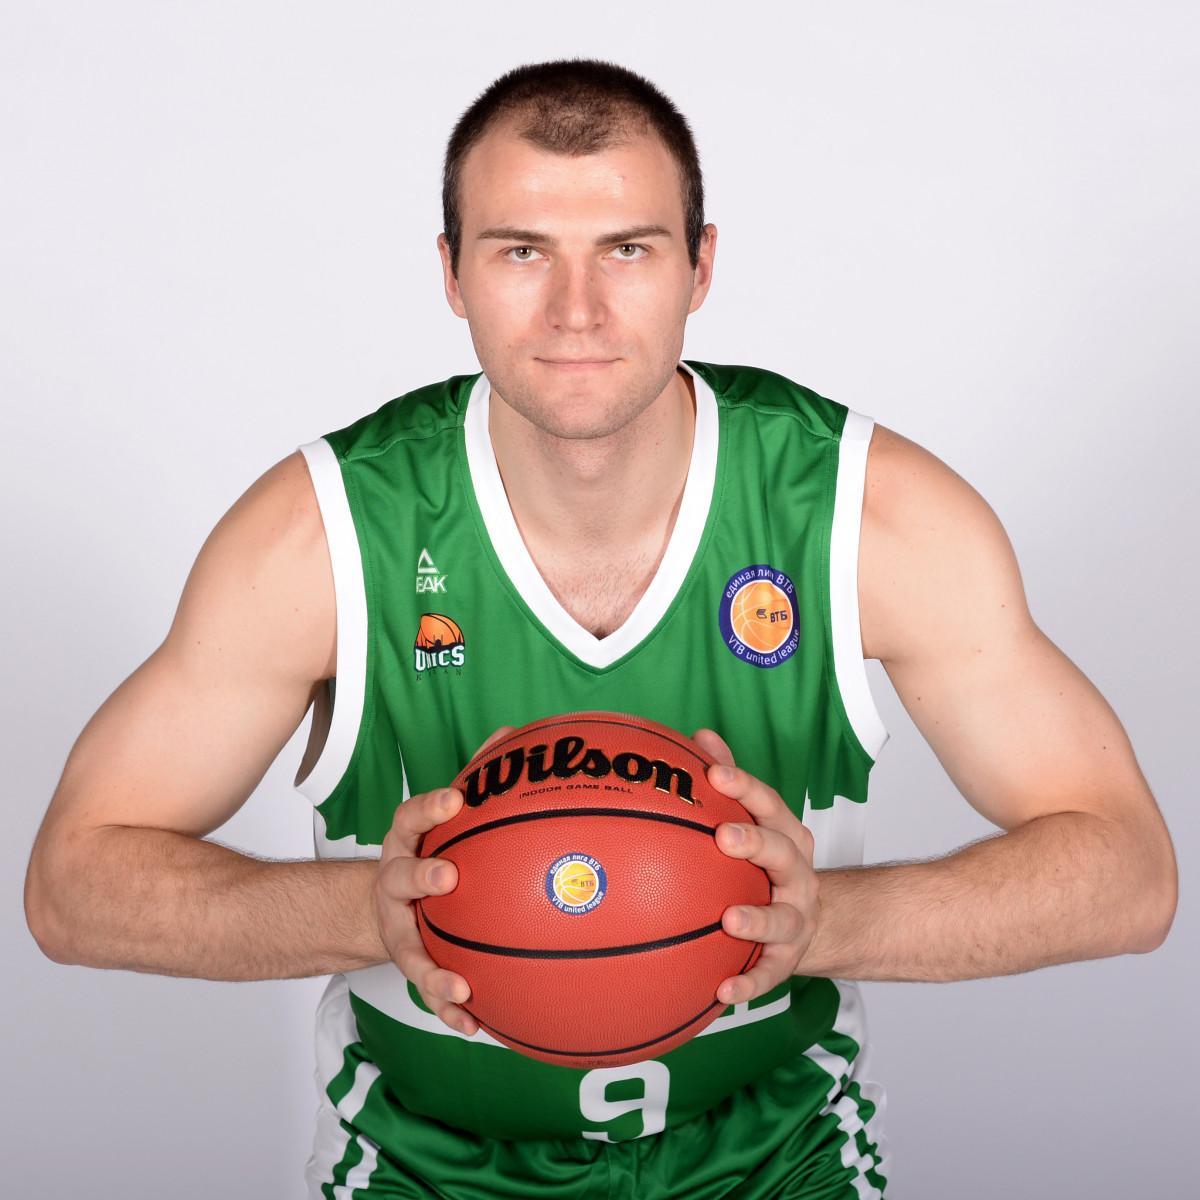 Photo of Artsiom Parakhouski, 2016-2017 season